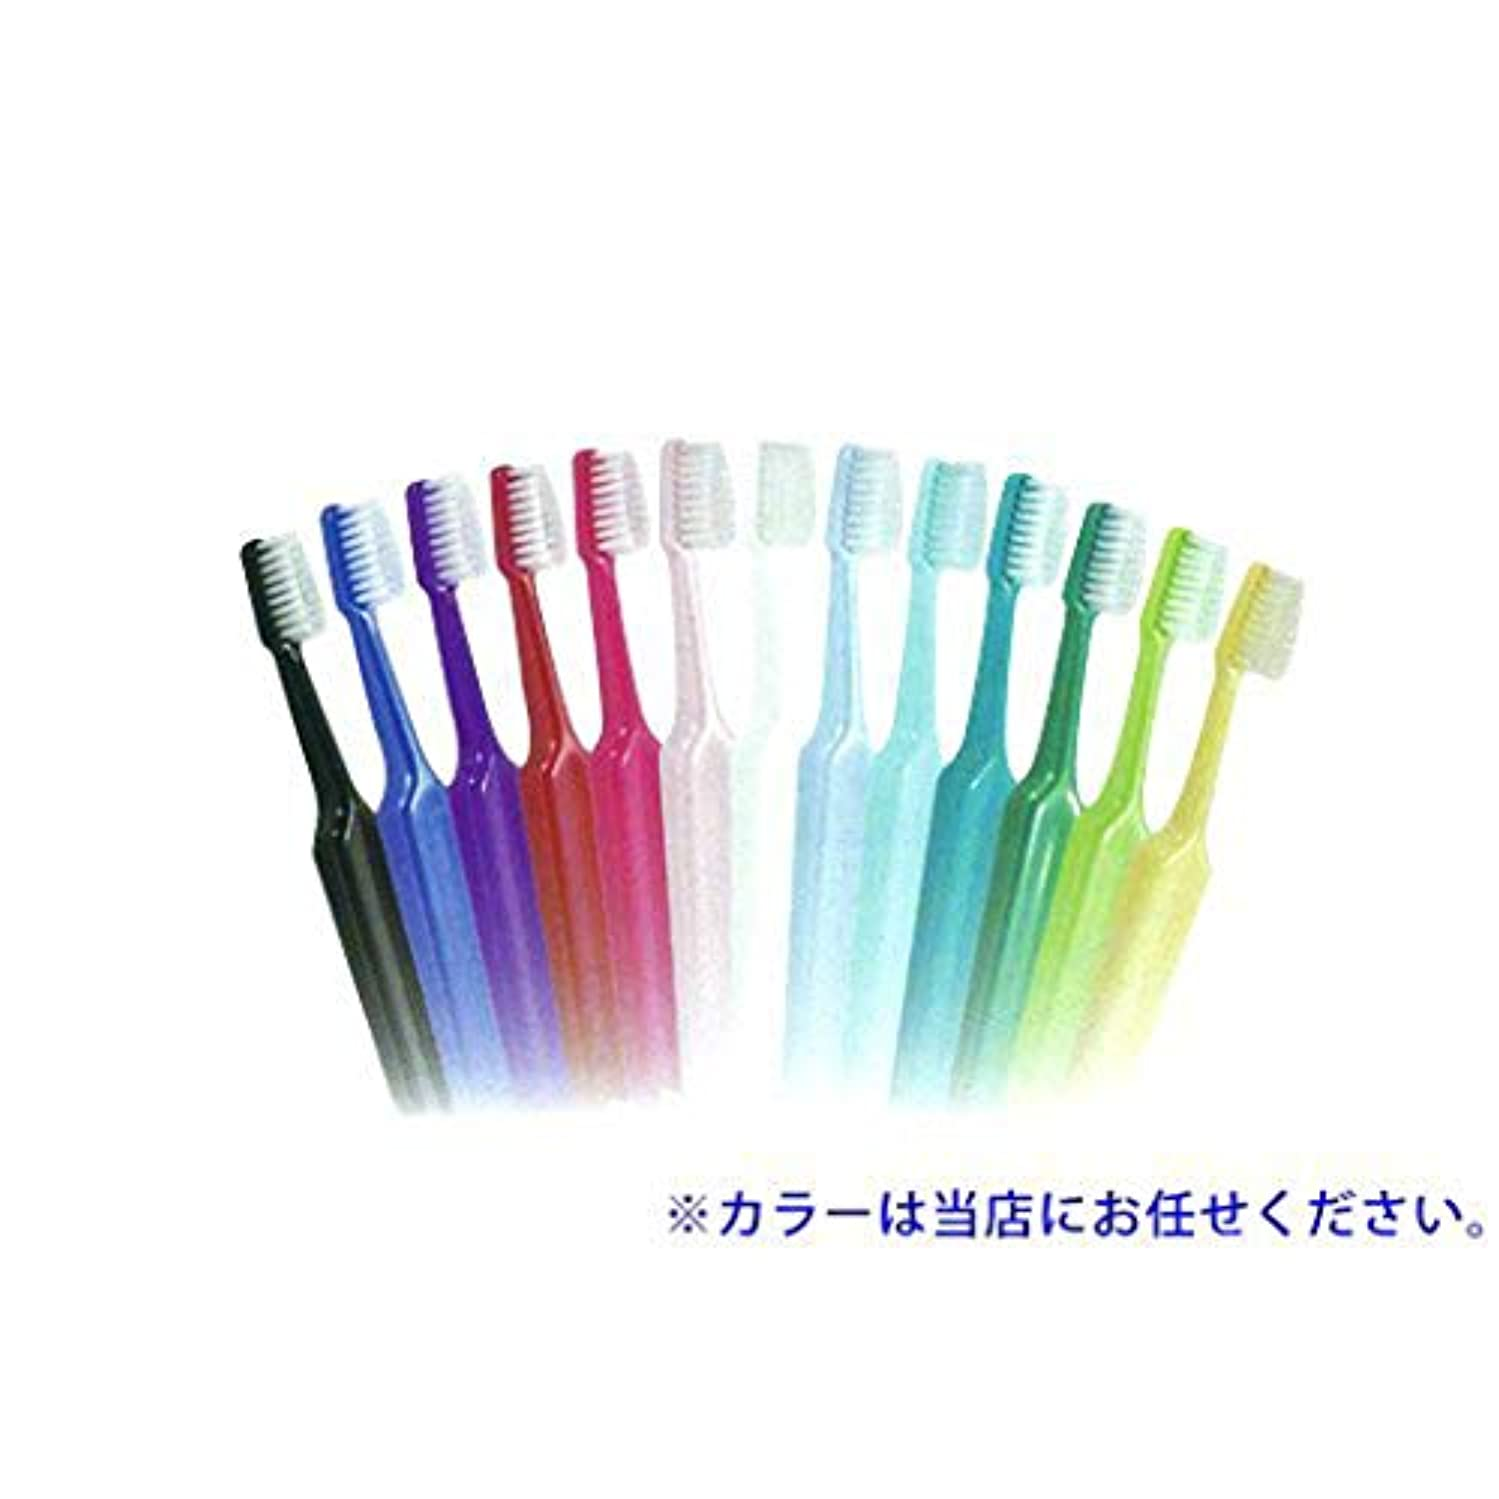 尋ねるまだ自動的にクロスフィールド TePe テペ セレクミニ 歯ブラシ 3本 (エクストラソフト)